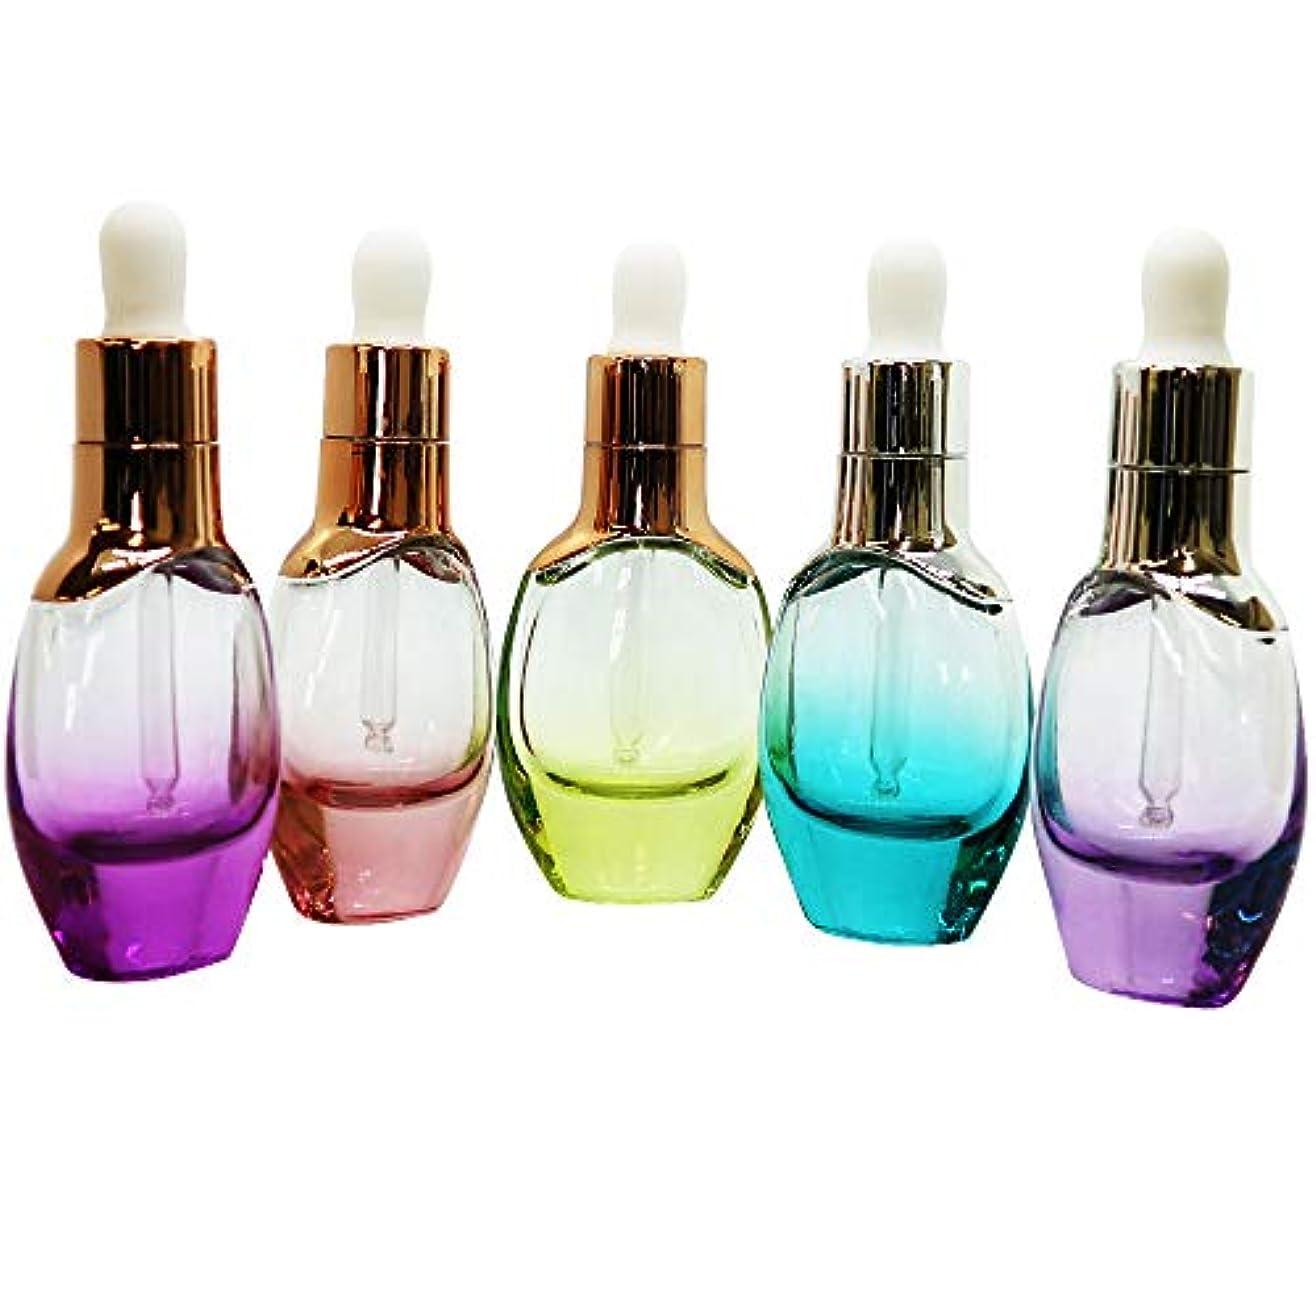 請願者死んでいる消えるCoco Makai スポイト付き エッセンシャル ボトル 5本セット アロマ 化粧水 オイル ガラス製 かわいい カラフル